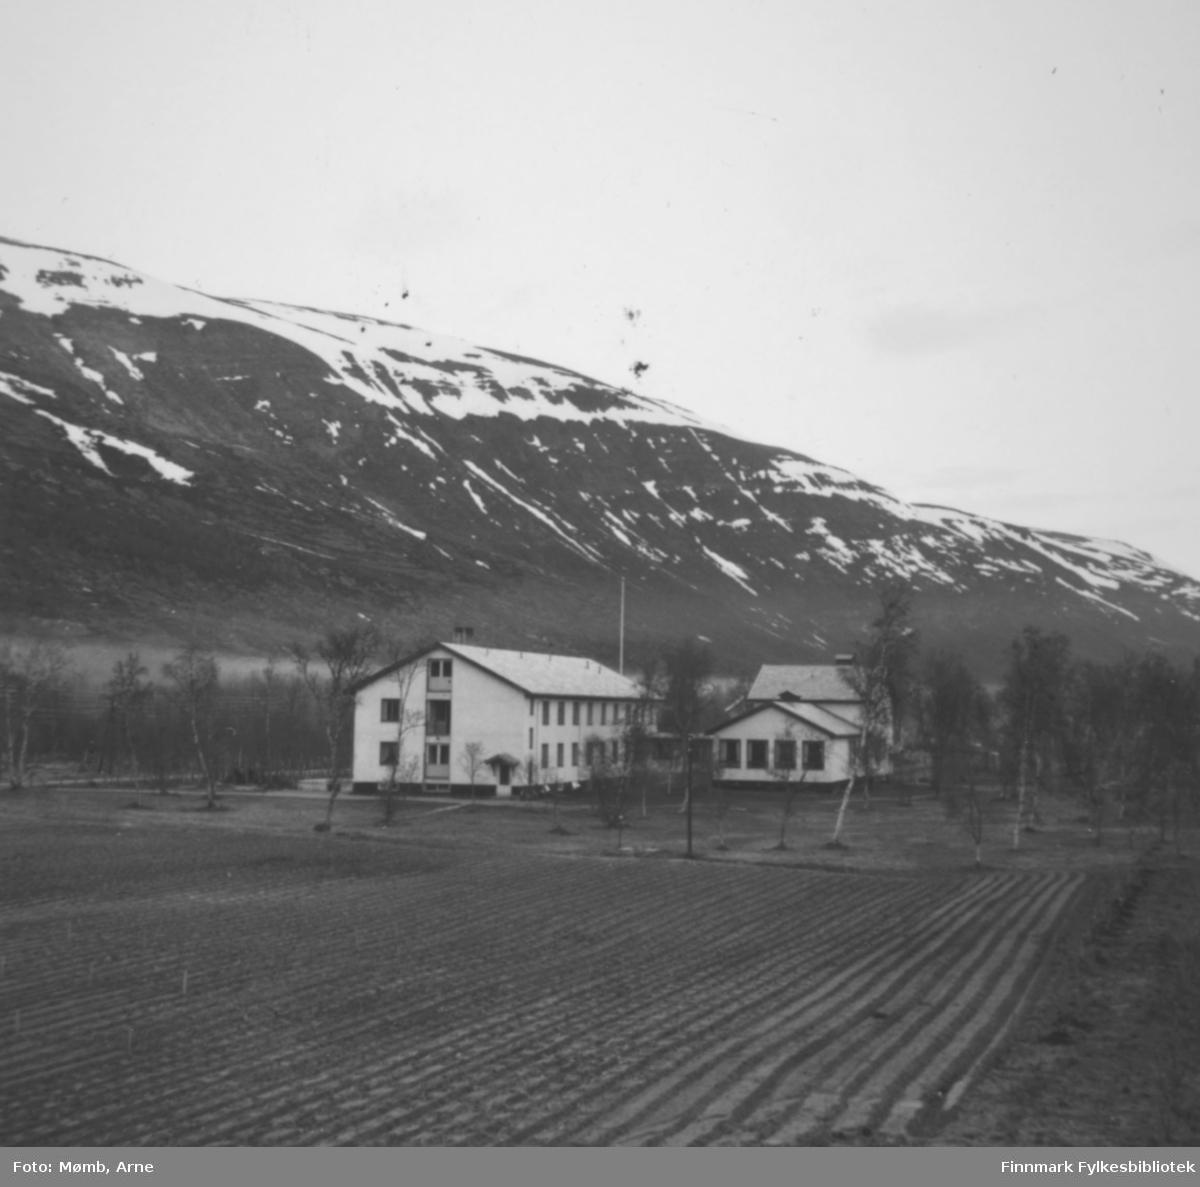 Finnmark landbruksskole i Bonakas i 1958.